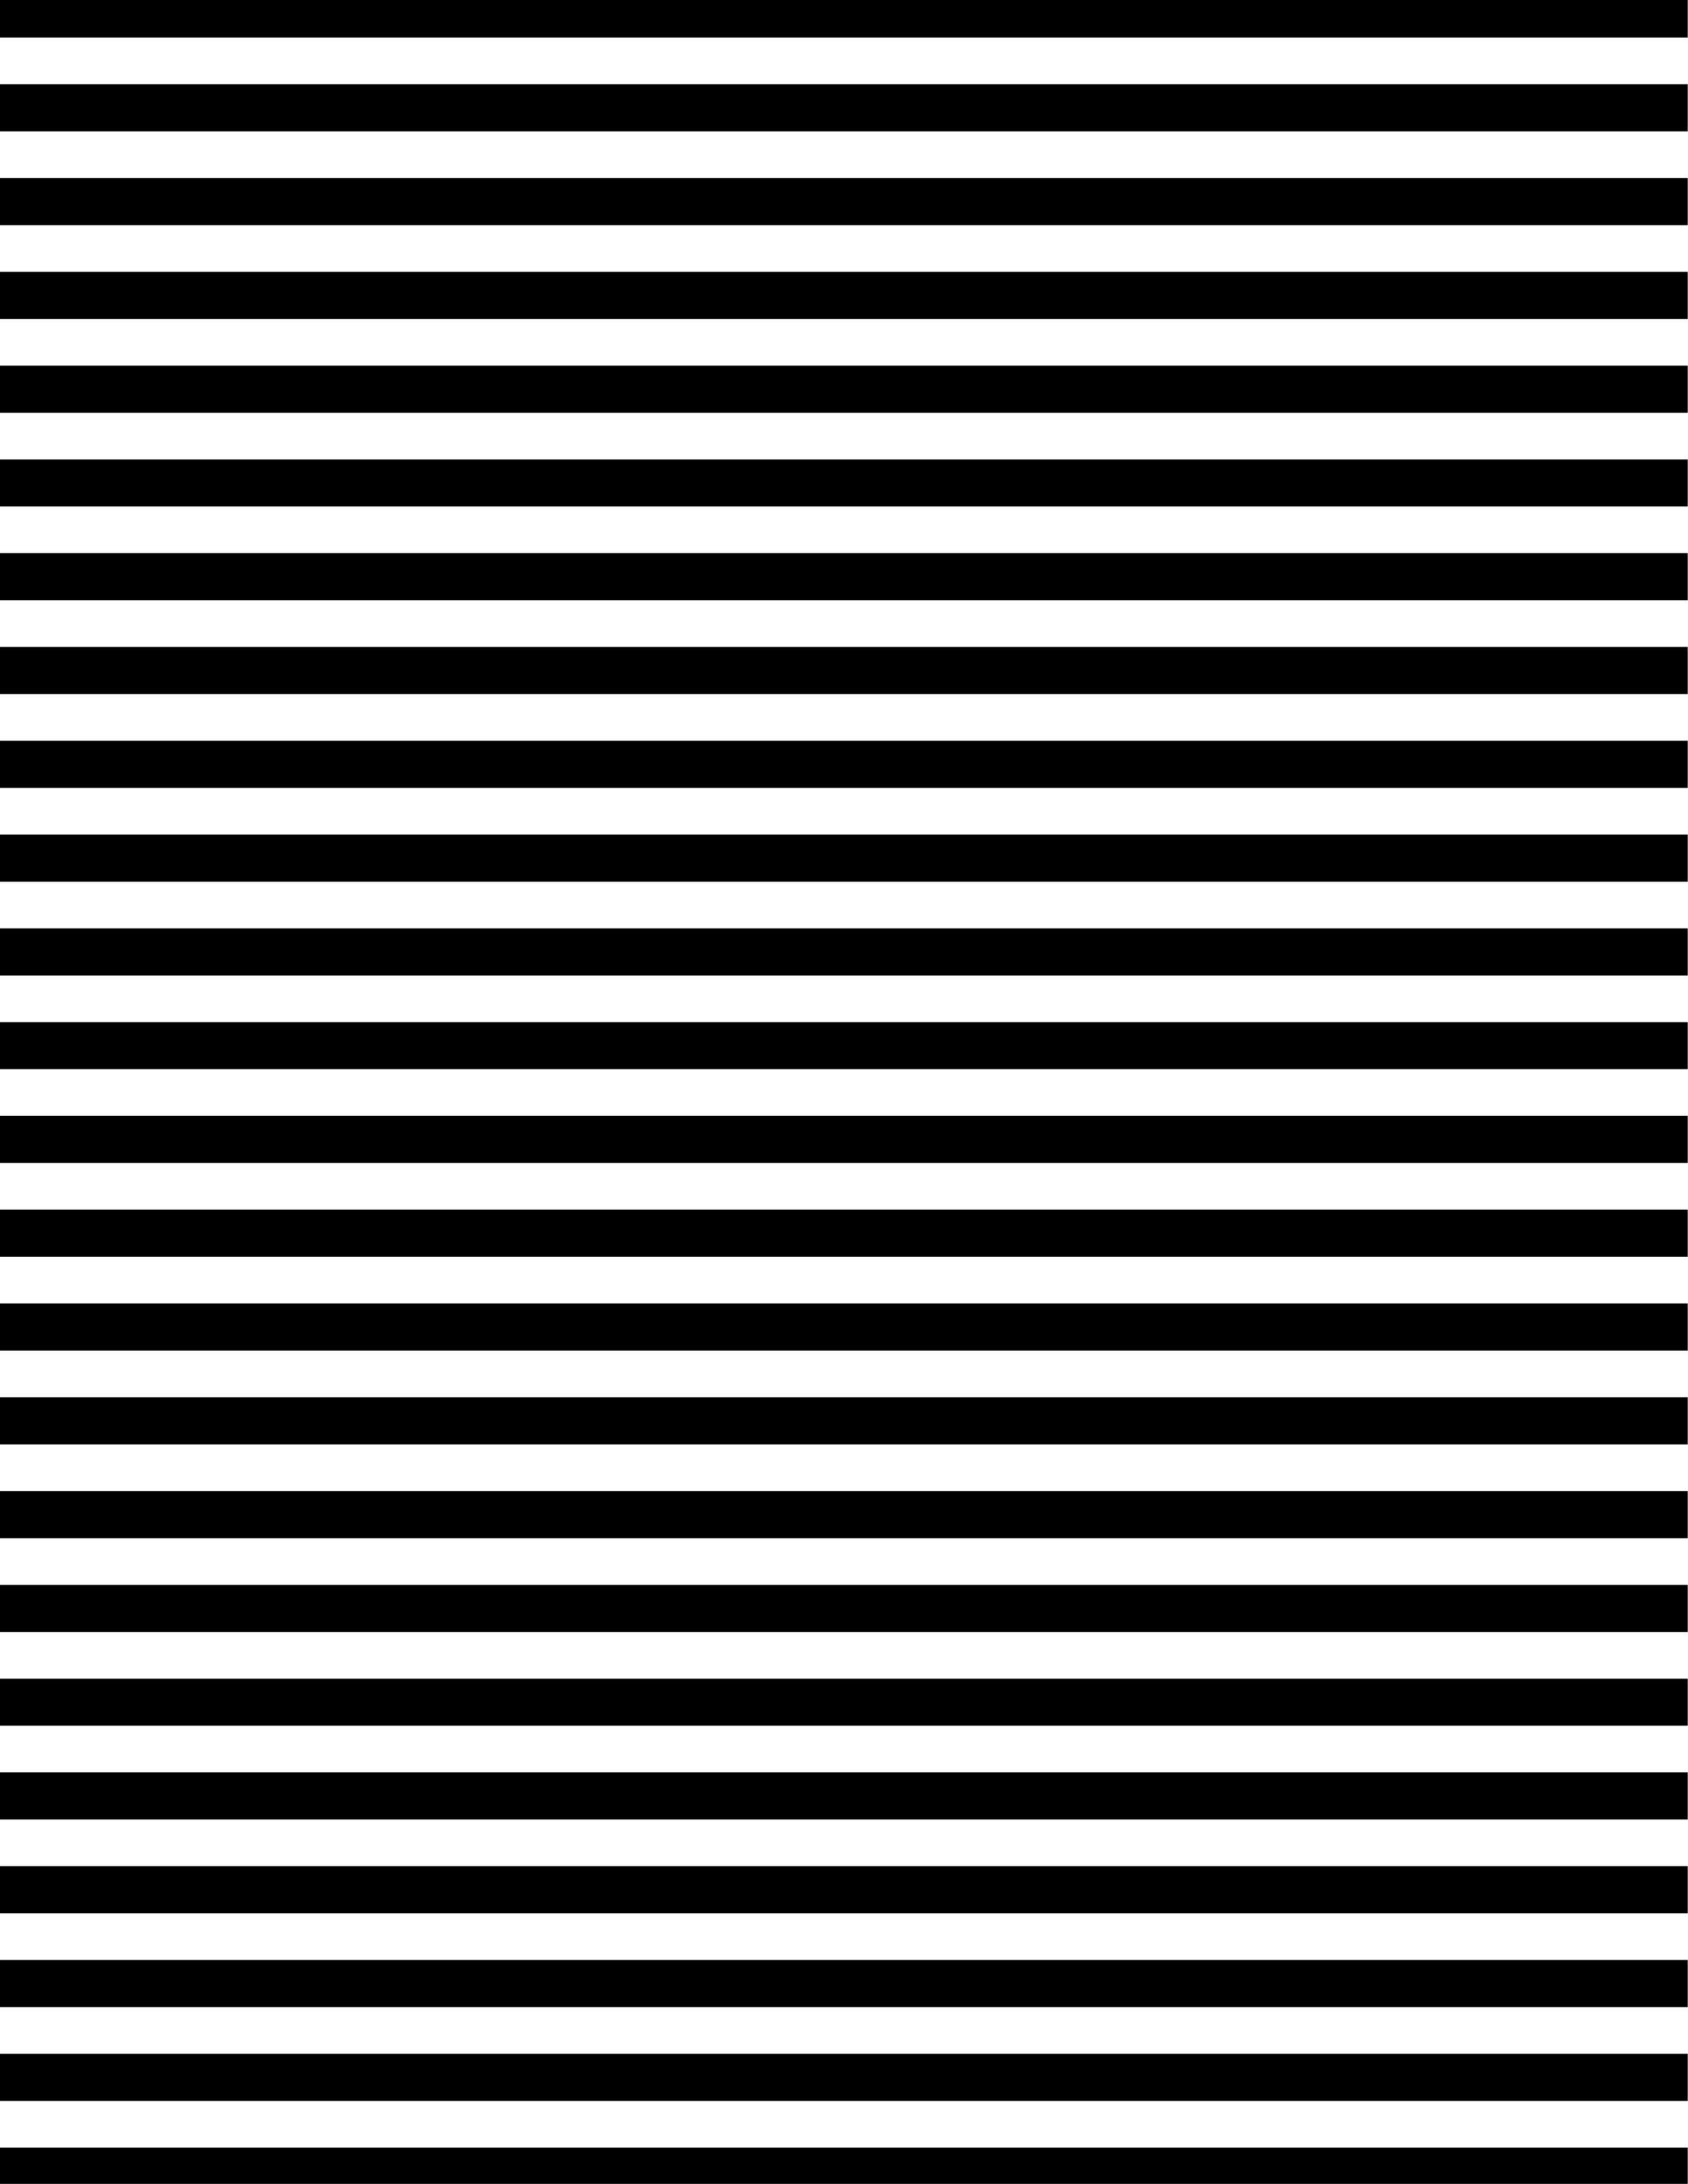 Papel De Parede Listras Branco E Preto Horizontal No Elo7